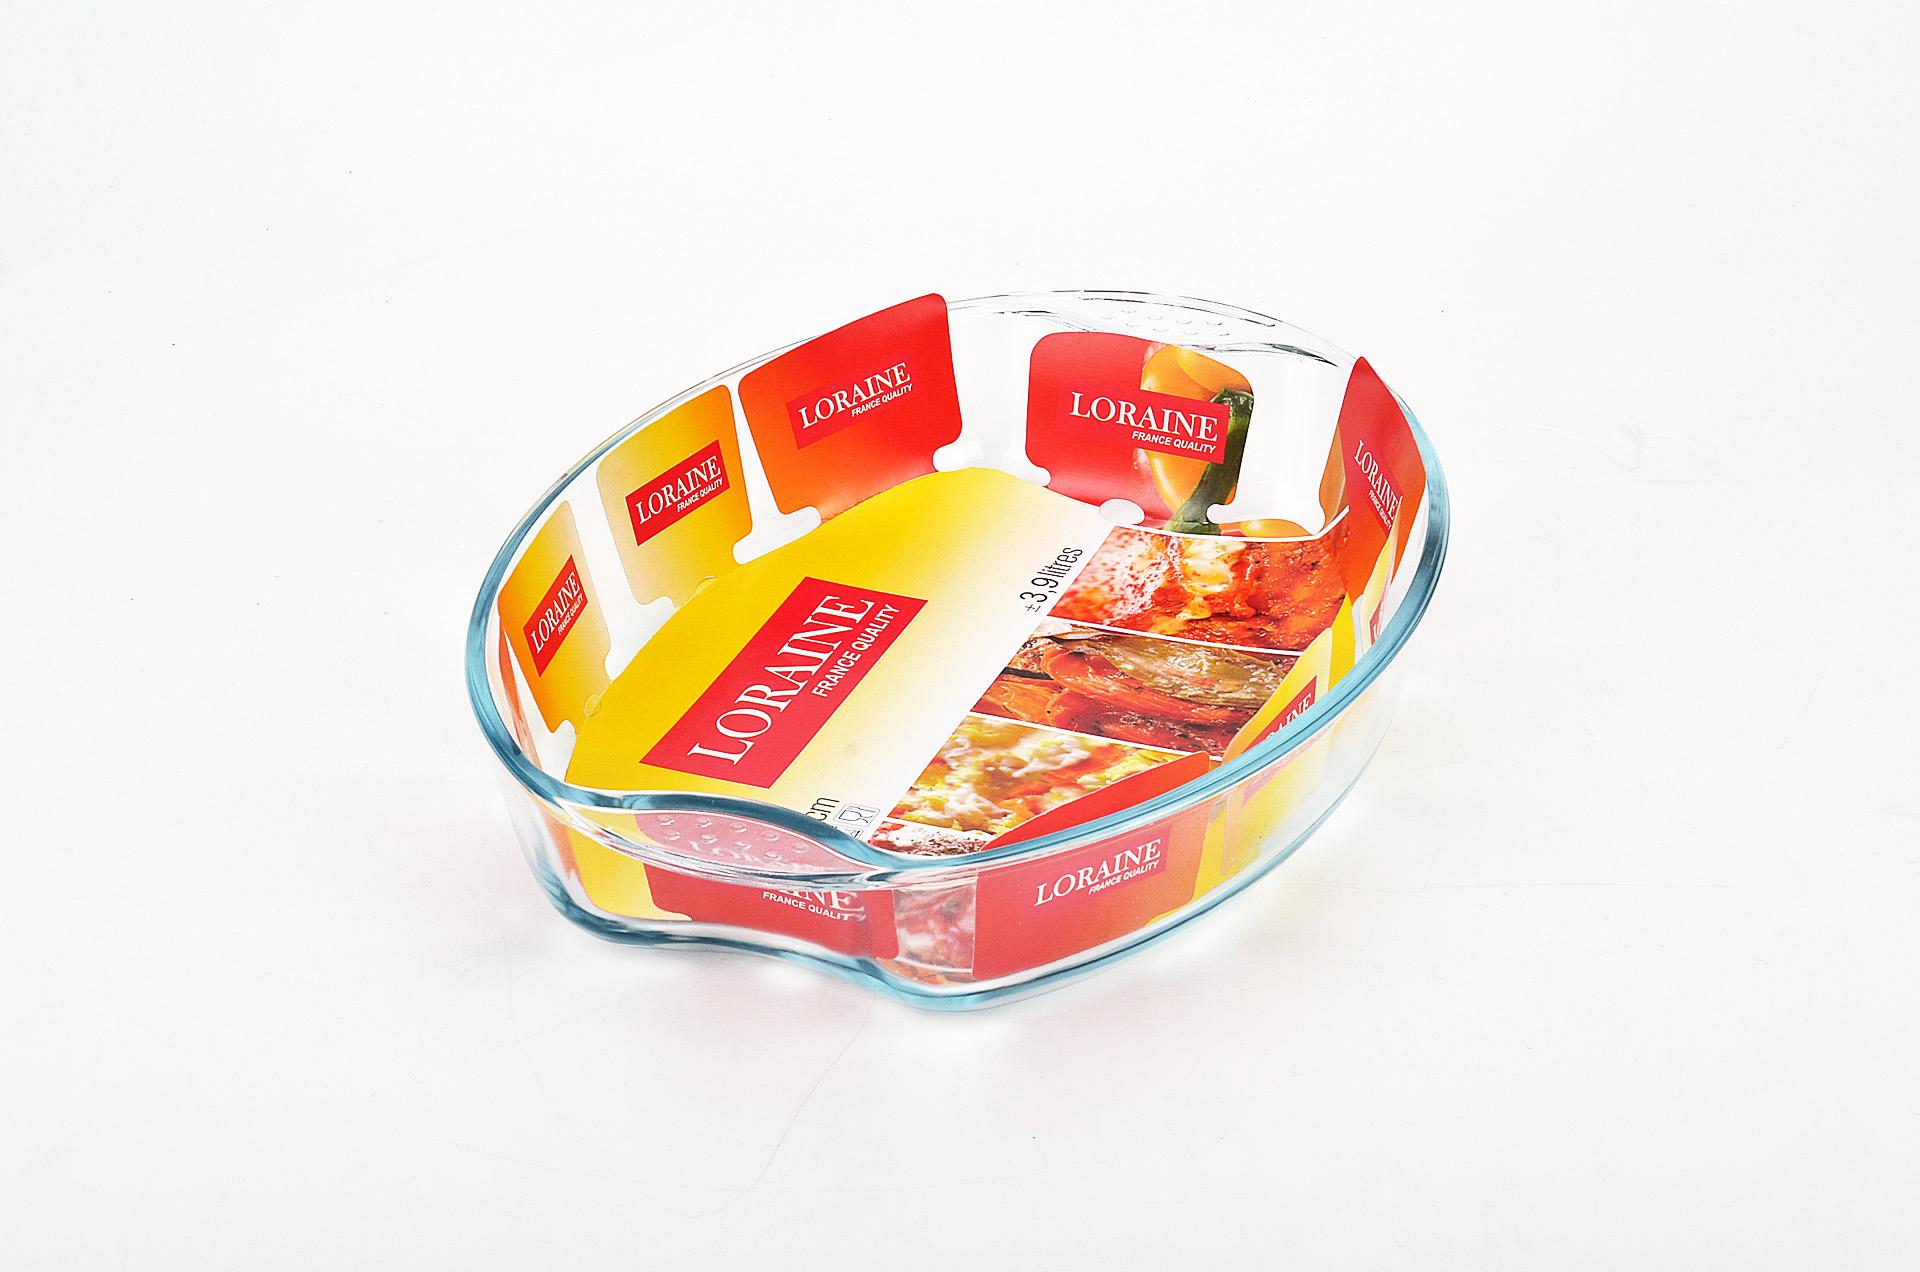 Жаровня Loraine, 3,9 л20666Овальная жаровня Loraine изготовлена из жаропрочного боросиликатного прозрачного стекла. Стеклянная посуда идеальна для запекания, так как стекло - это экологически чистый, износостойкий и долговечный материал, к которому не прилипает пища, в такой посуде пища сохраняет все свои полезные вещества и микроэлементы. Емкость идеальна для запекания в духовке птицы и мяса, для приготовления лазаньи, запеканки и даже пирогов. С жаровней Loraine вы всегда сможете порадовать своих близких оригинальной выпечкой. Подходит для использования в духовке при температуре до +400°С, в морозильной камере при температуре до -40°С. Можно использовать в микроволновой печи. Подходит для мытья в посудомоечной машине.